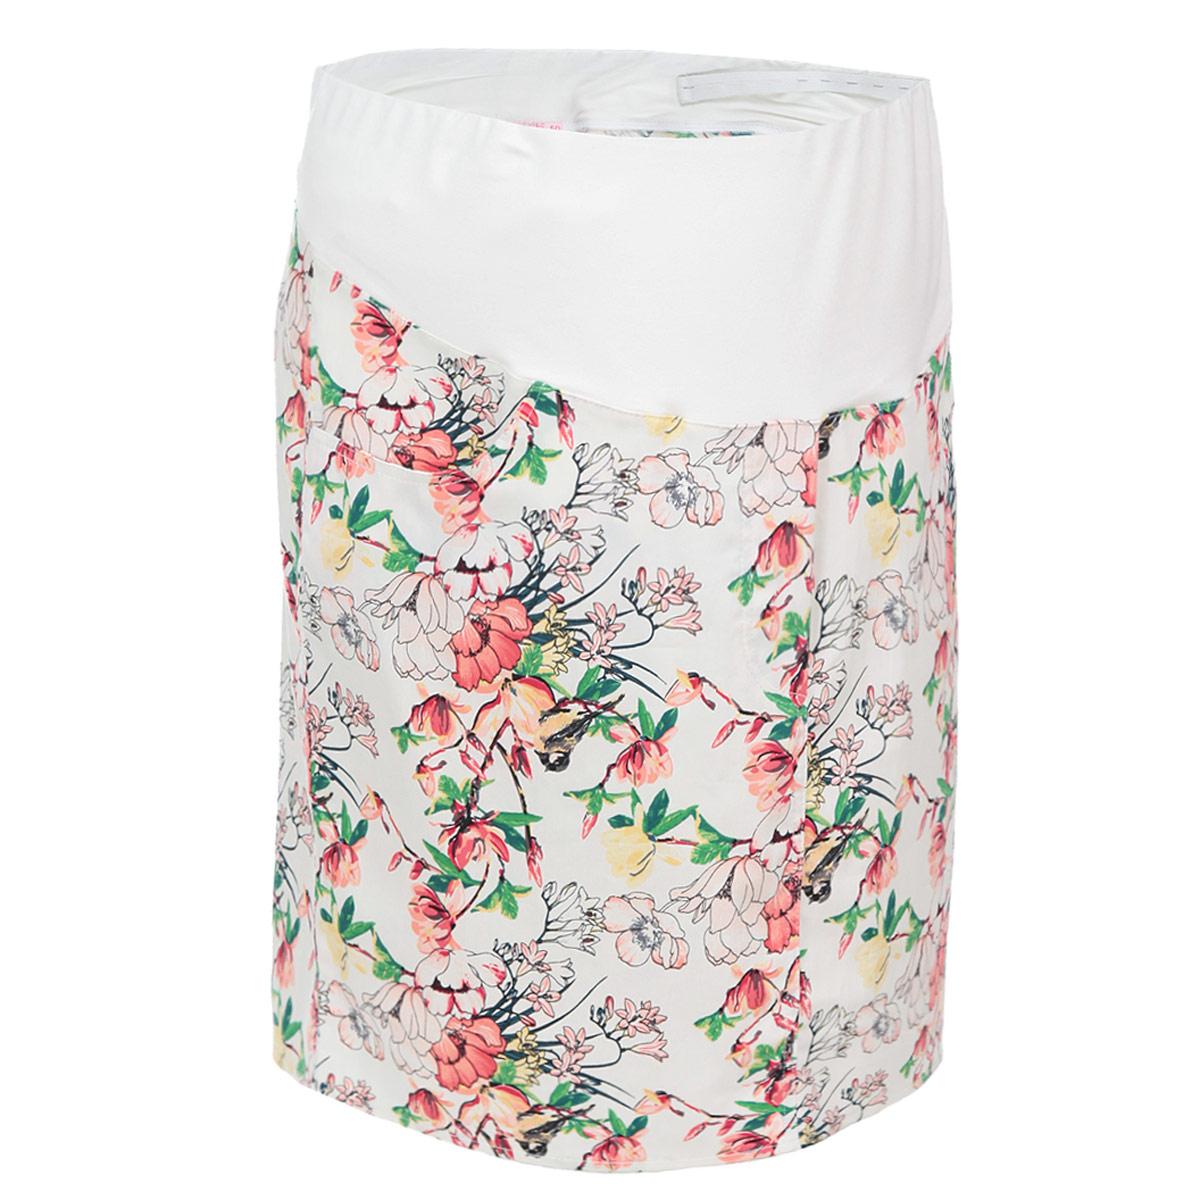 Юбка для беременных Nuova Vita, цвет: молочный, розовый. 6103.1. Размер 426103.1Летняя юбка Nuova Vita для беременных выполнена из качественного хлопкового материала, что позволяет изделию не деформироваться при носке. Модель прямого кроя дополнена бандажом из мягкой ткани с эластичной поддерживающей резинкой, не сдавливающей живот даже на последнем месяце беременности. Модель оформлена цветочным принтом, спереди дополнена двумя втачными карманами, сзади предусмотрена шлица в среднем шве. Стильная и удобная юбка займет достойное место в гардеробе молодой мамы.